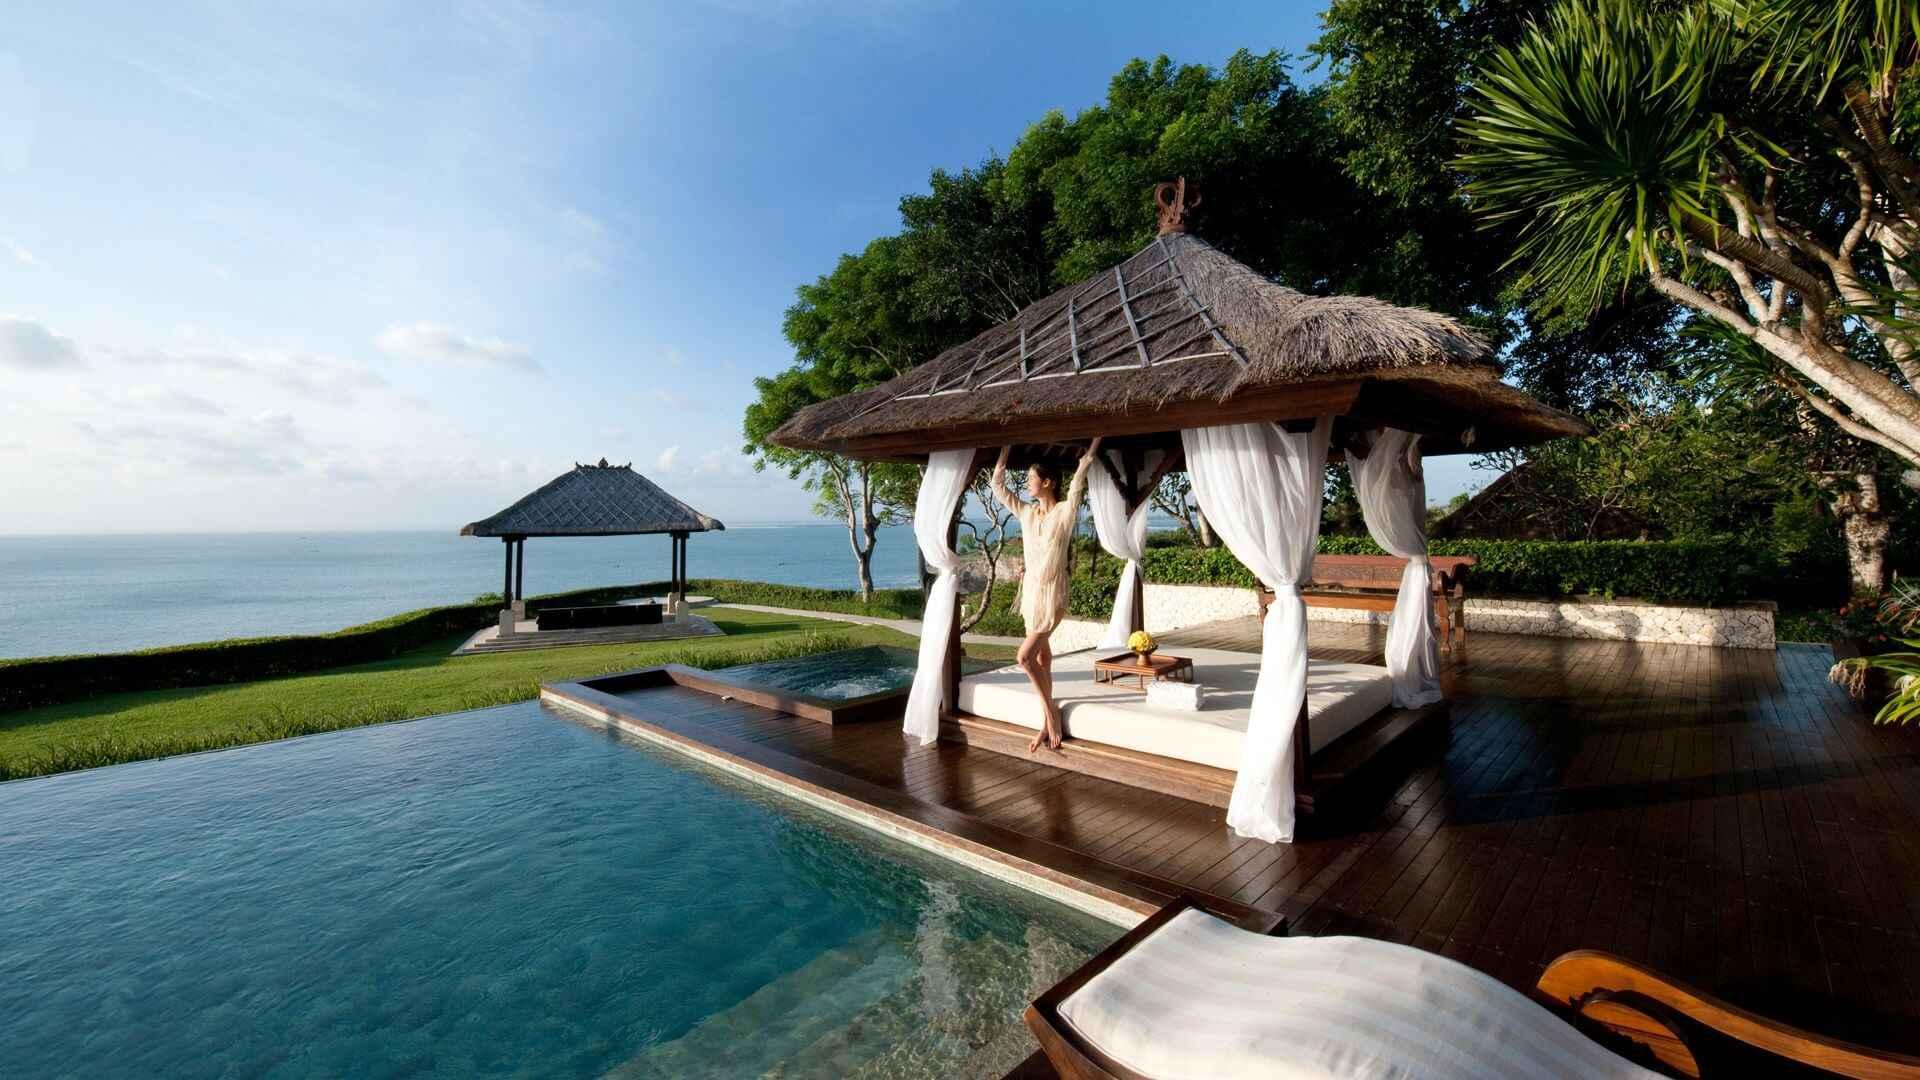 Honeymoons at ayana resort and spa bali for Bali resorts